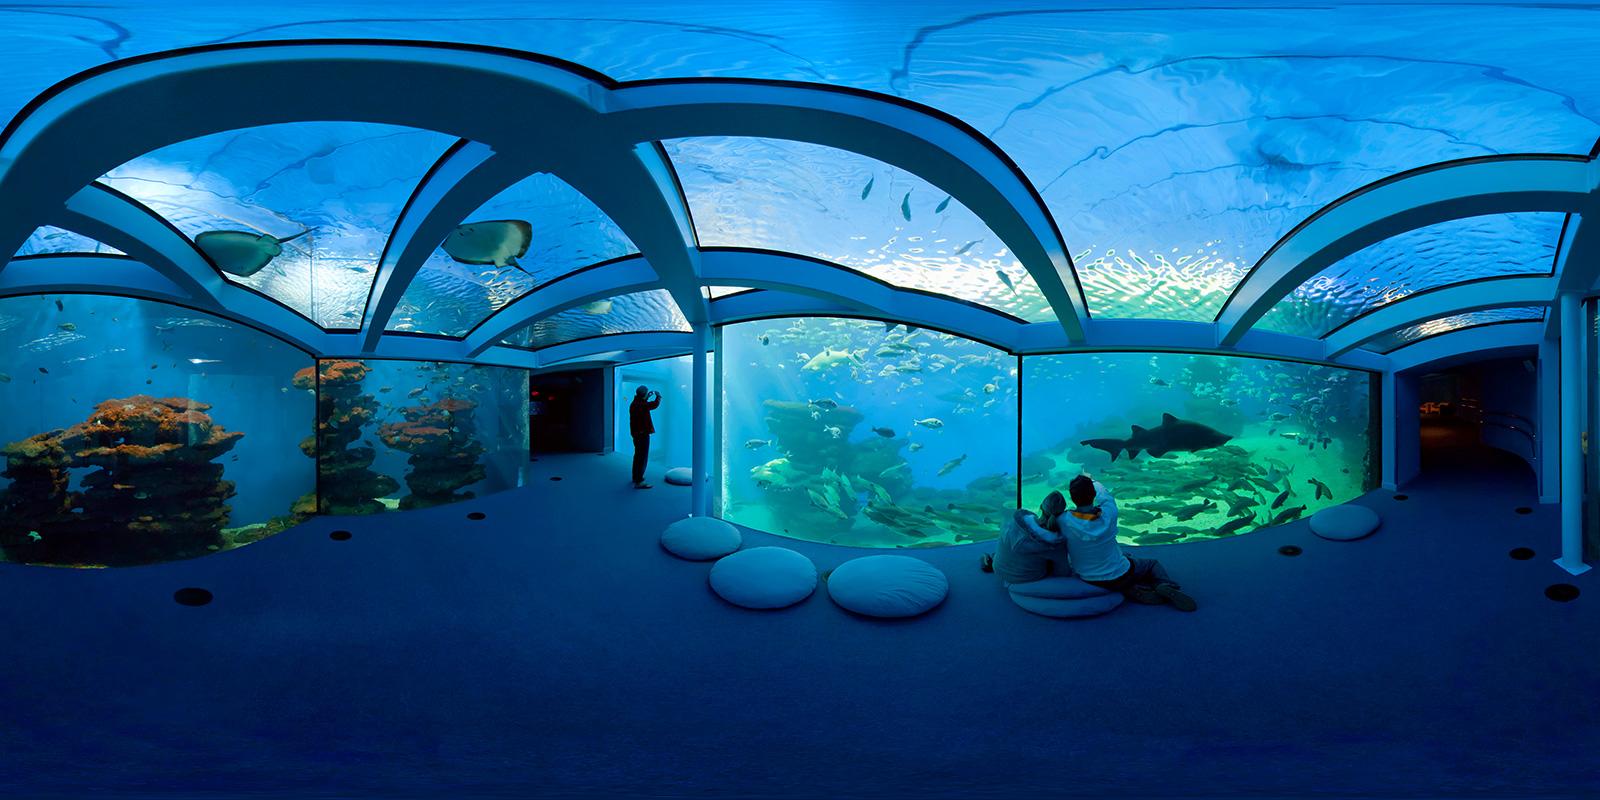 Aquarium palma de mallorca spain 360 vr panorama for Site aquarium